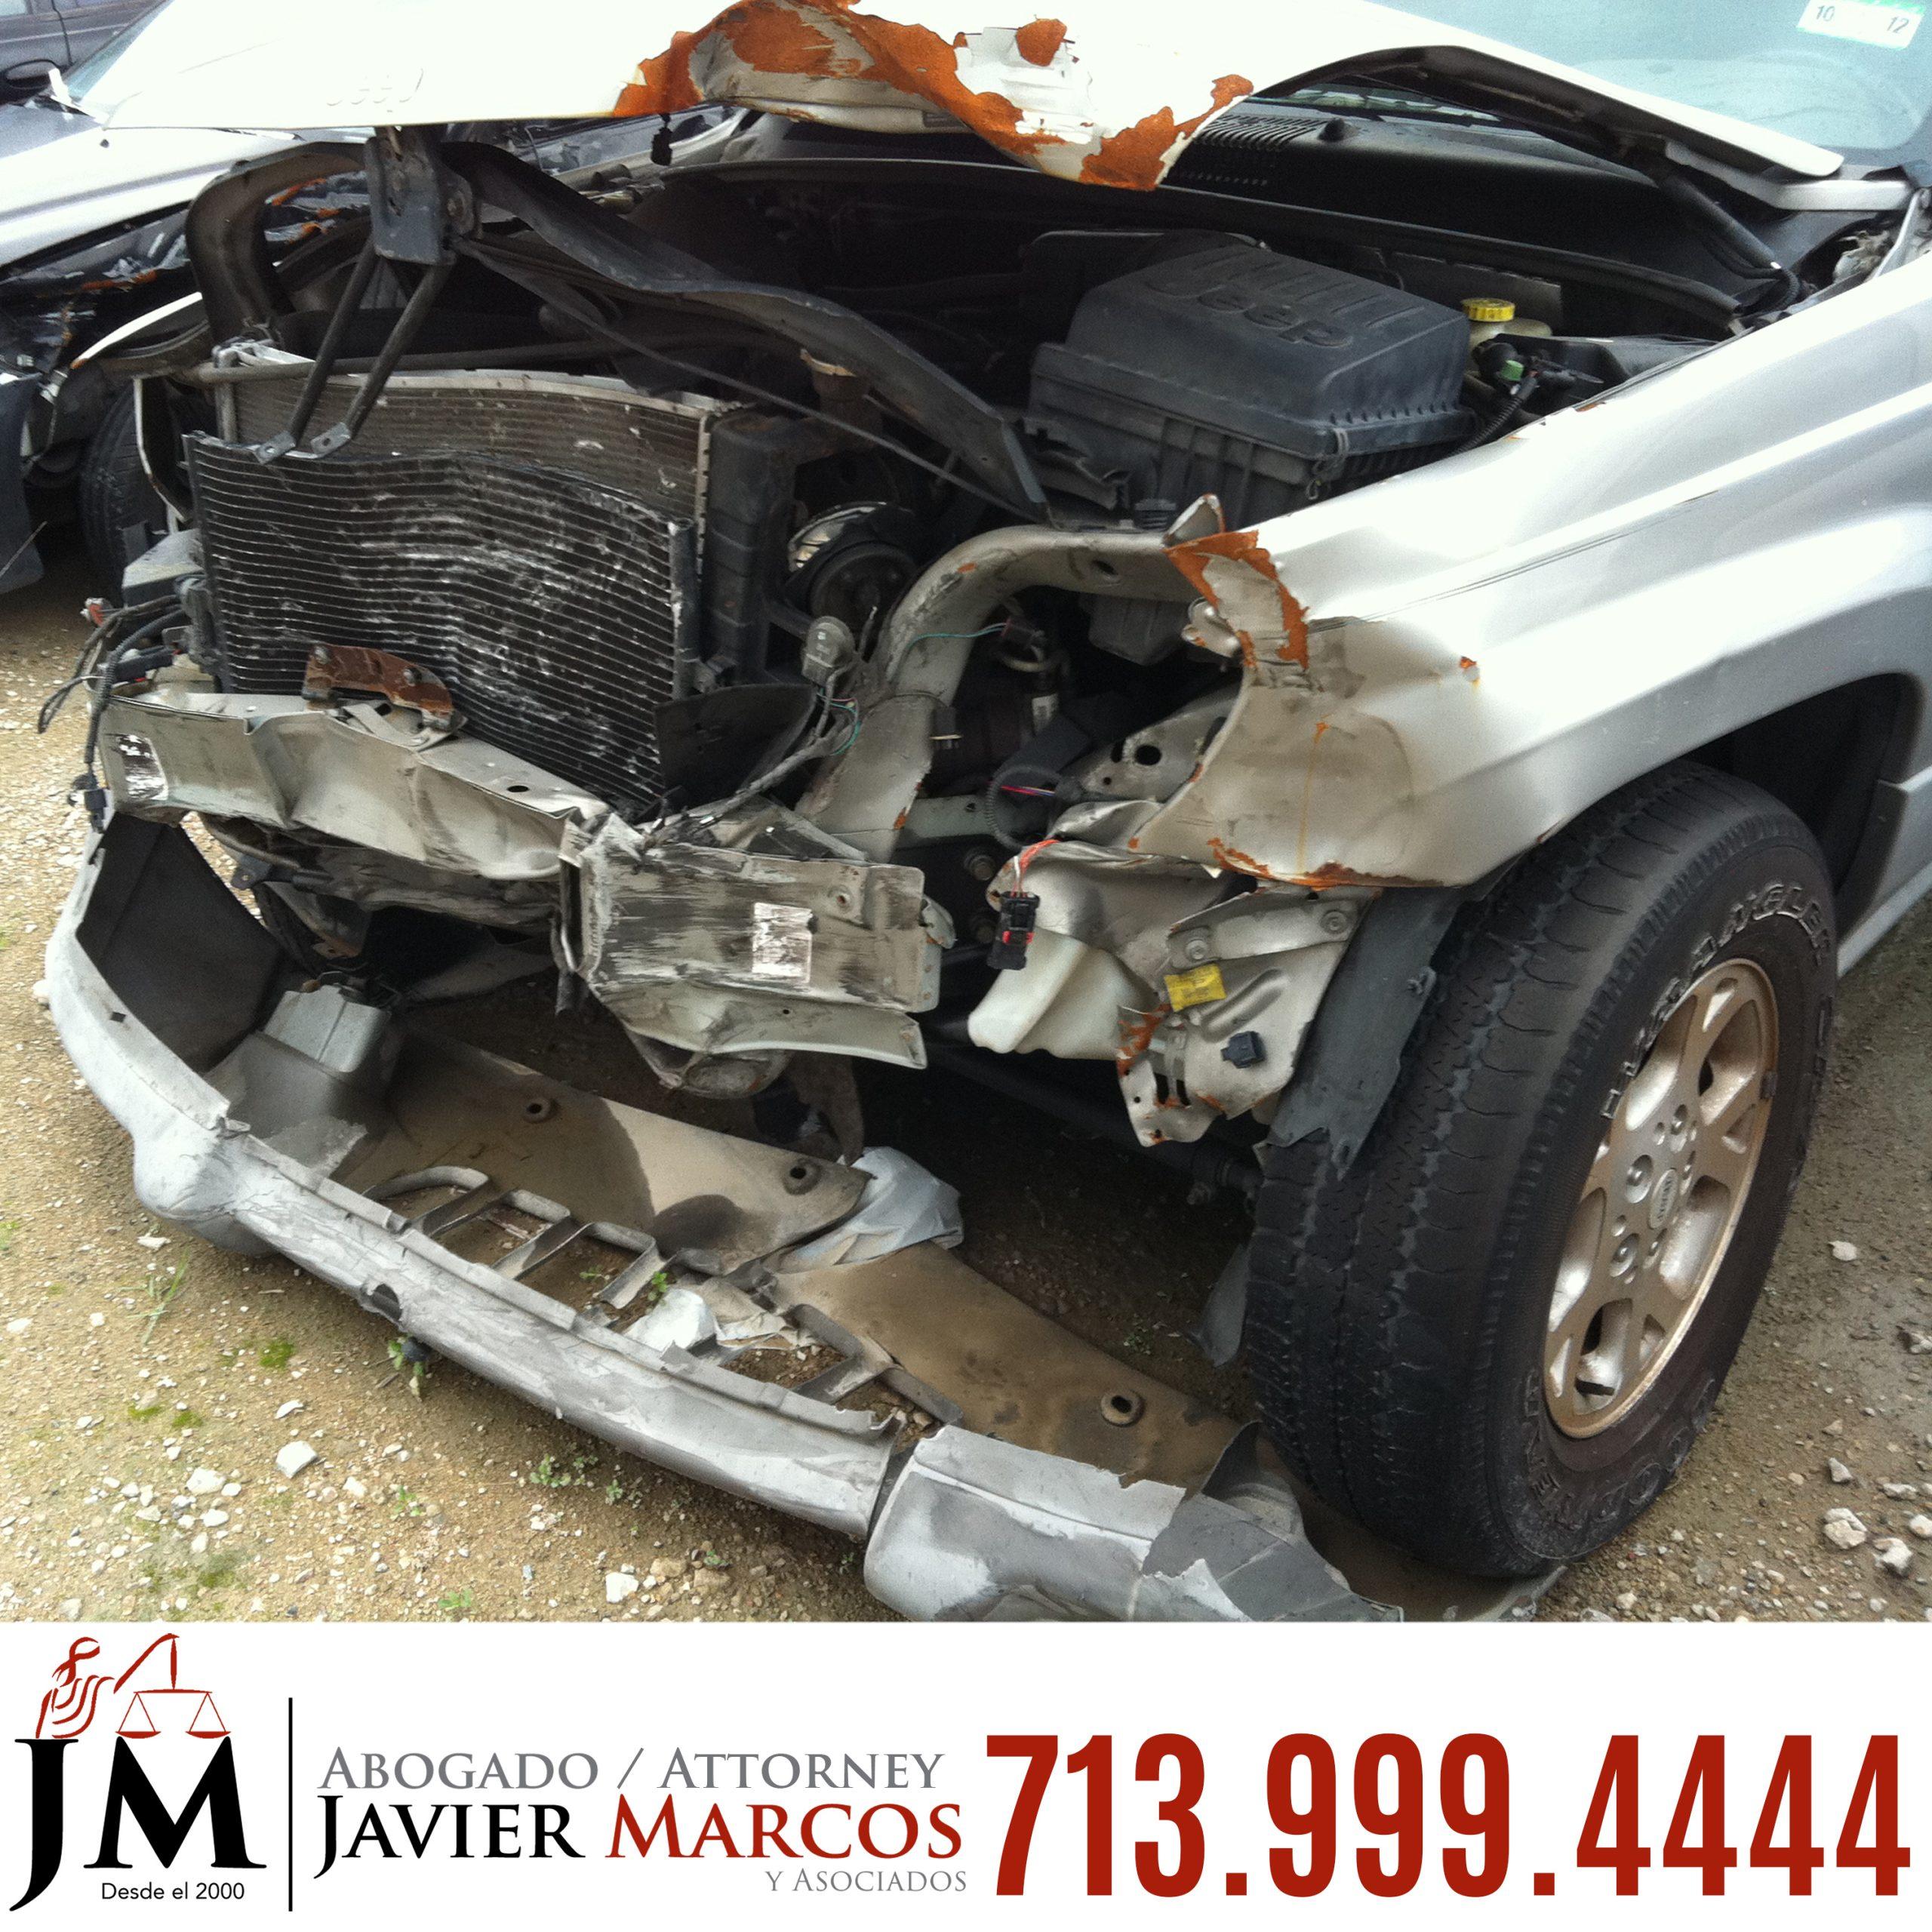 Abogado de Accidente Automovilistico | Abogado Javier Marcos | 713.999.4444